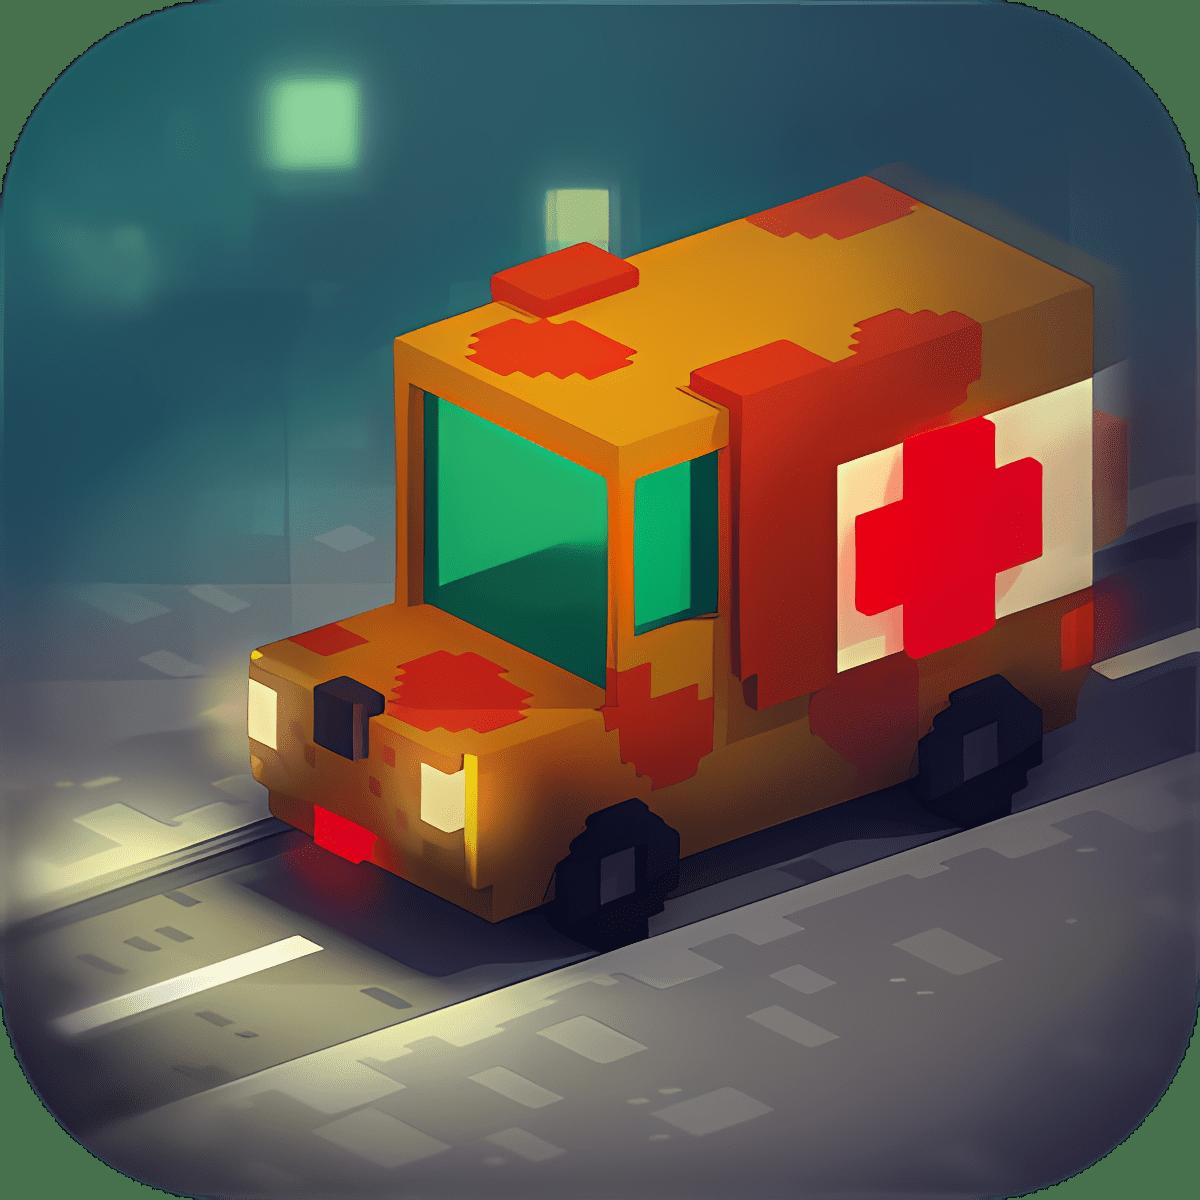 Pet Hospital Craft: Animal Doctor Games for Kids